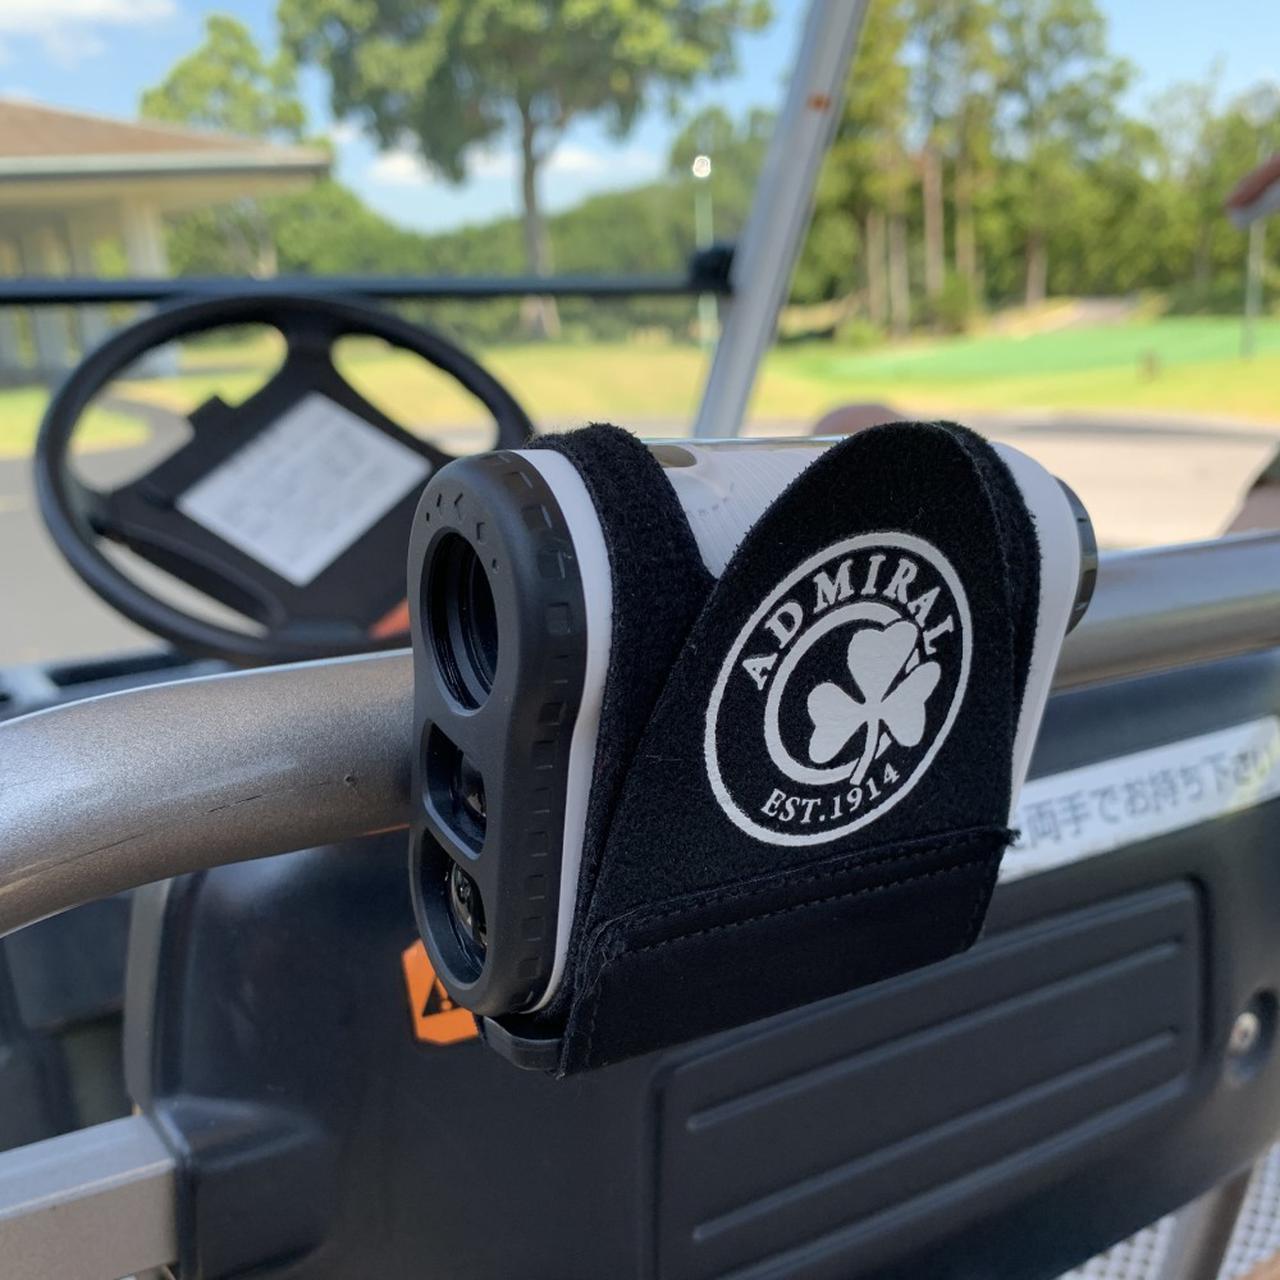 画像: アドミラル距離計測器マグネットベルト-ゴルフダイジェスト公式通販サイト「ゴルフポケット」